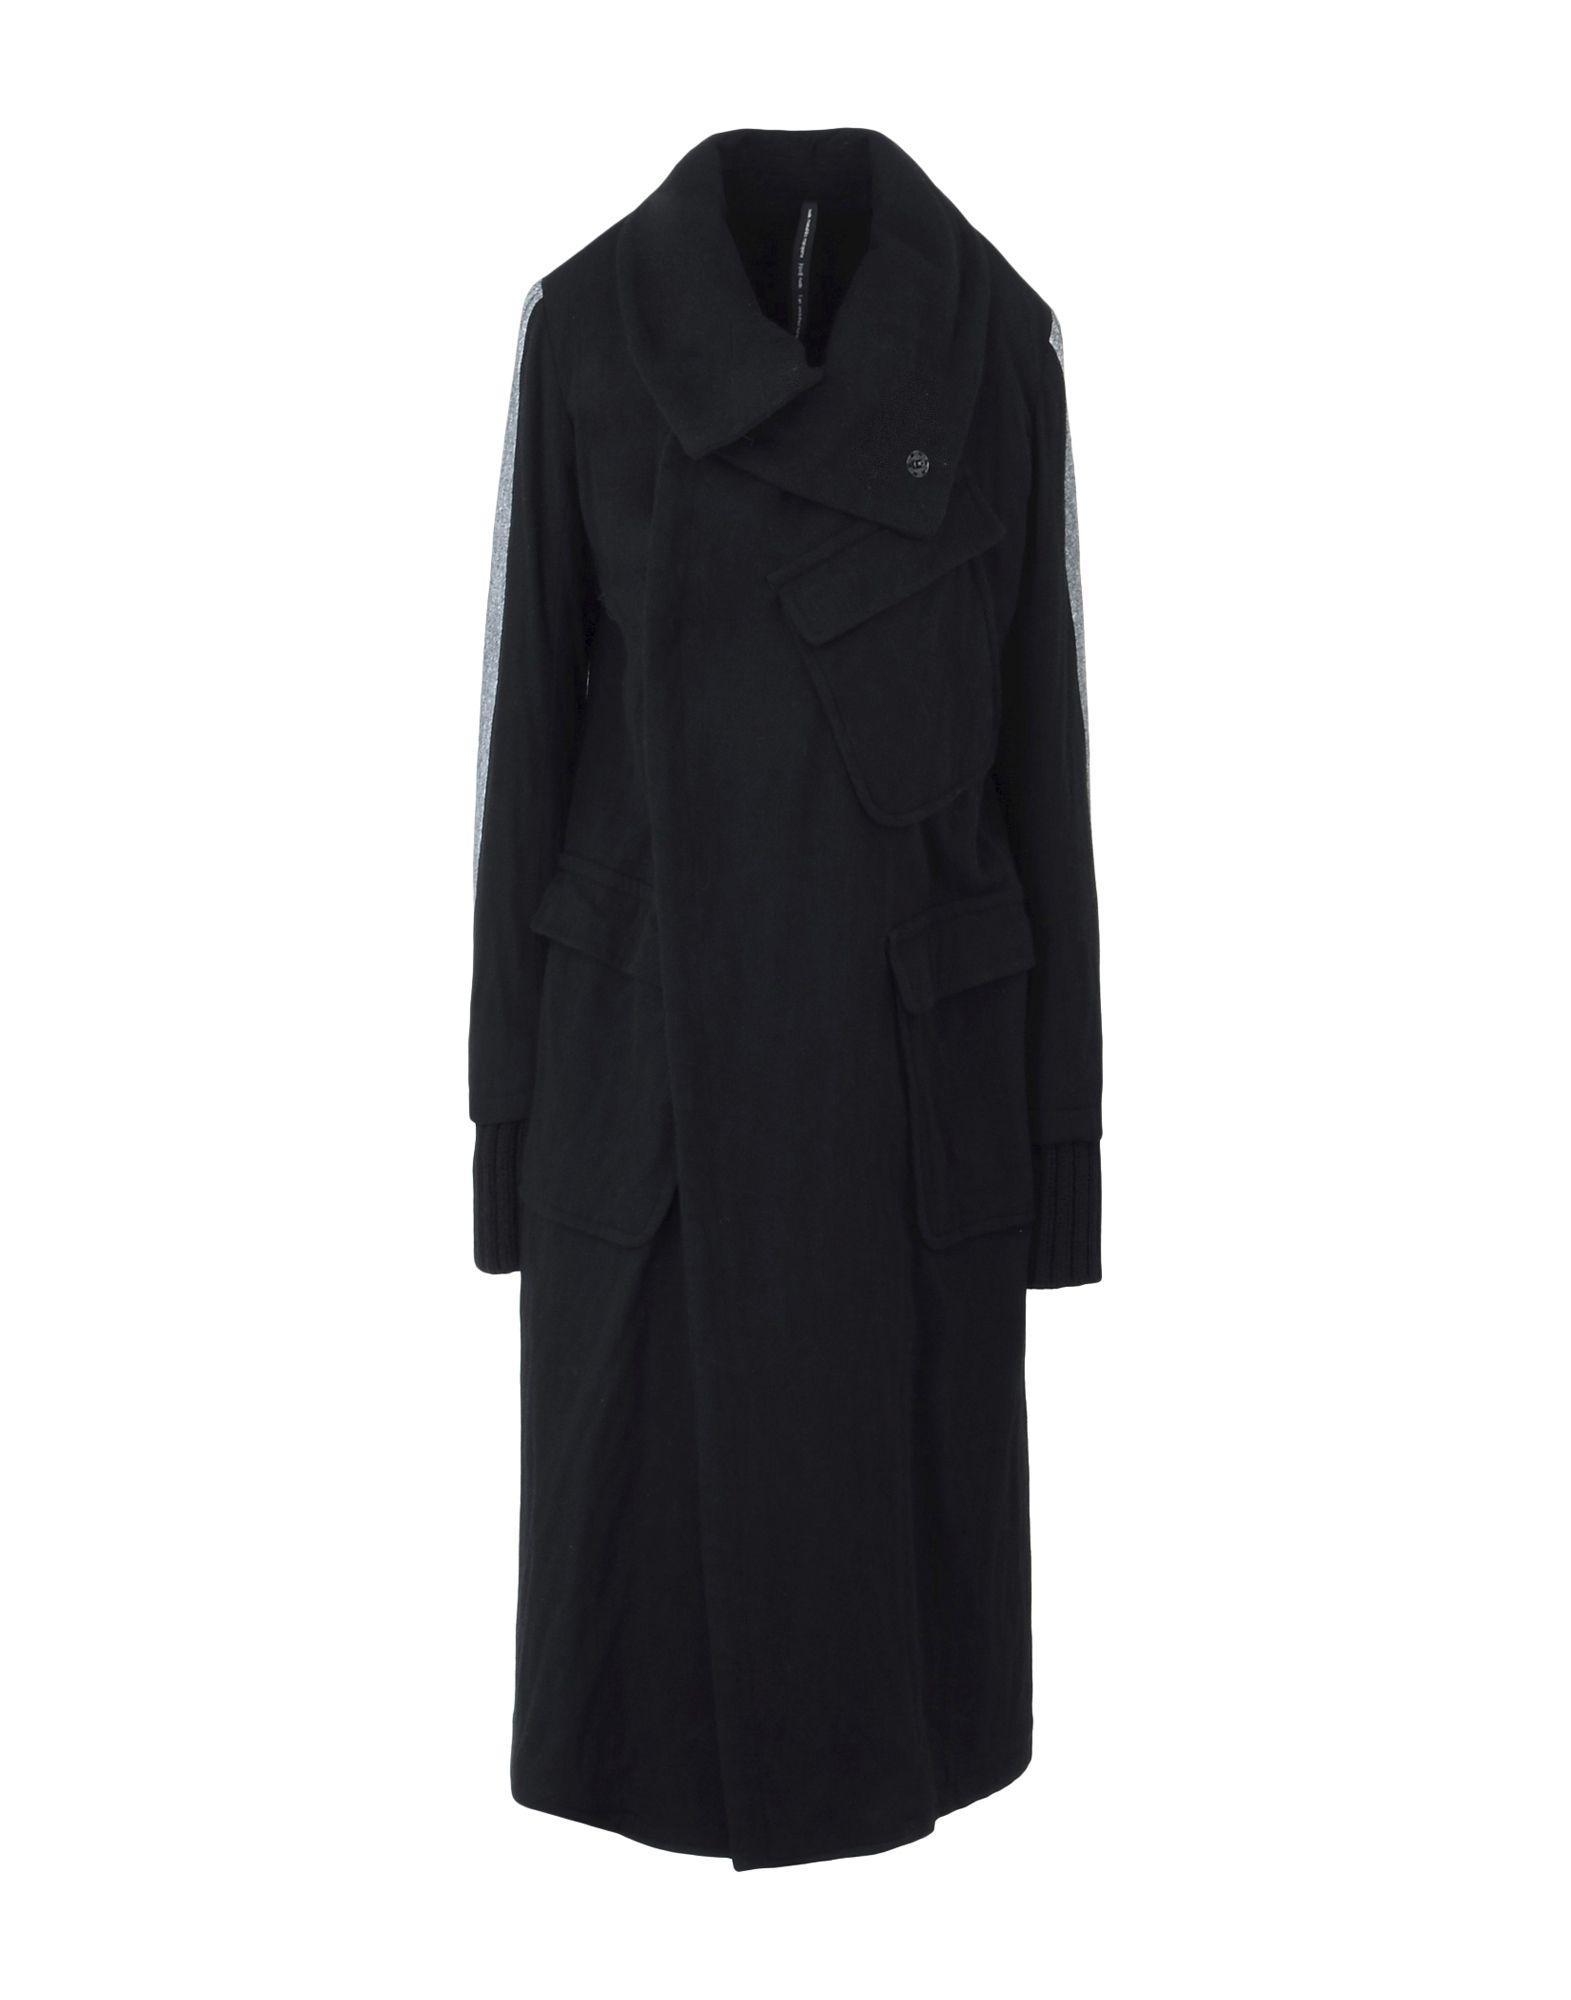 Nude:masahiko Maruyama Nude: Masahiko Maruyama Coats In Black